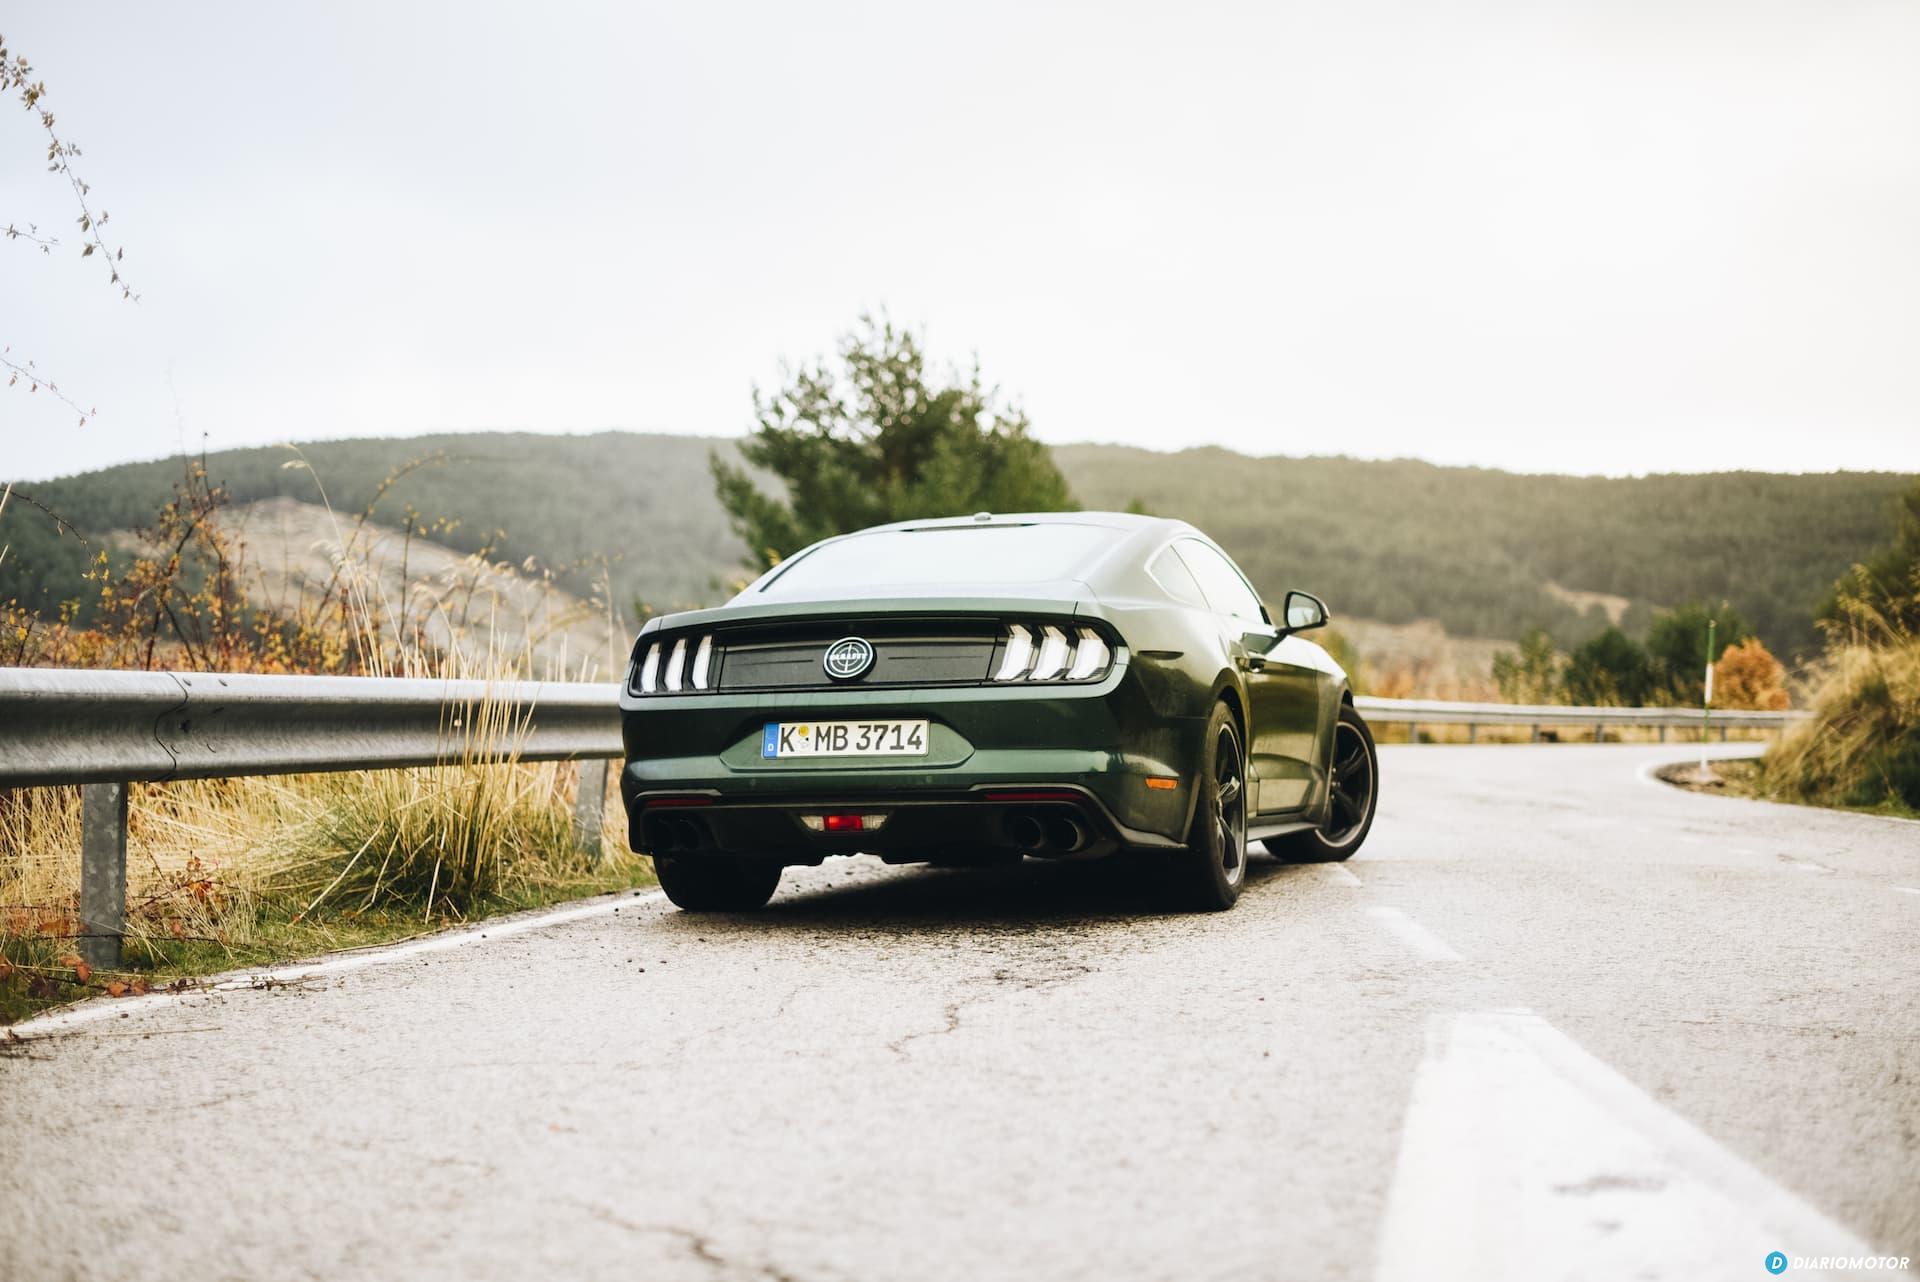 Ford Mustang Bullit Prueba Ford Mustang  7